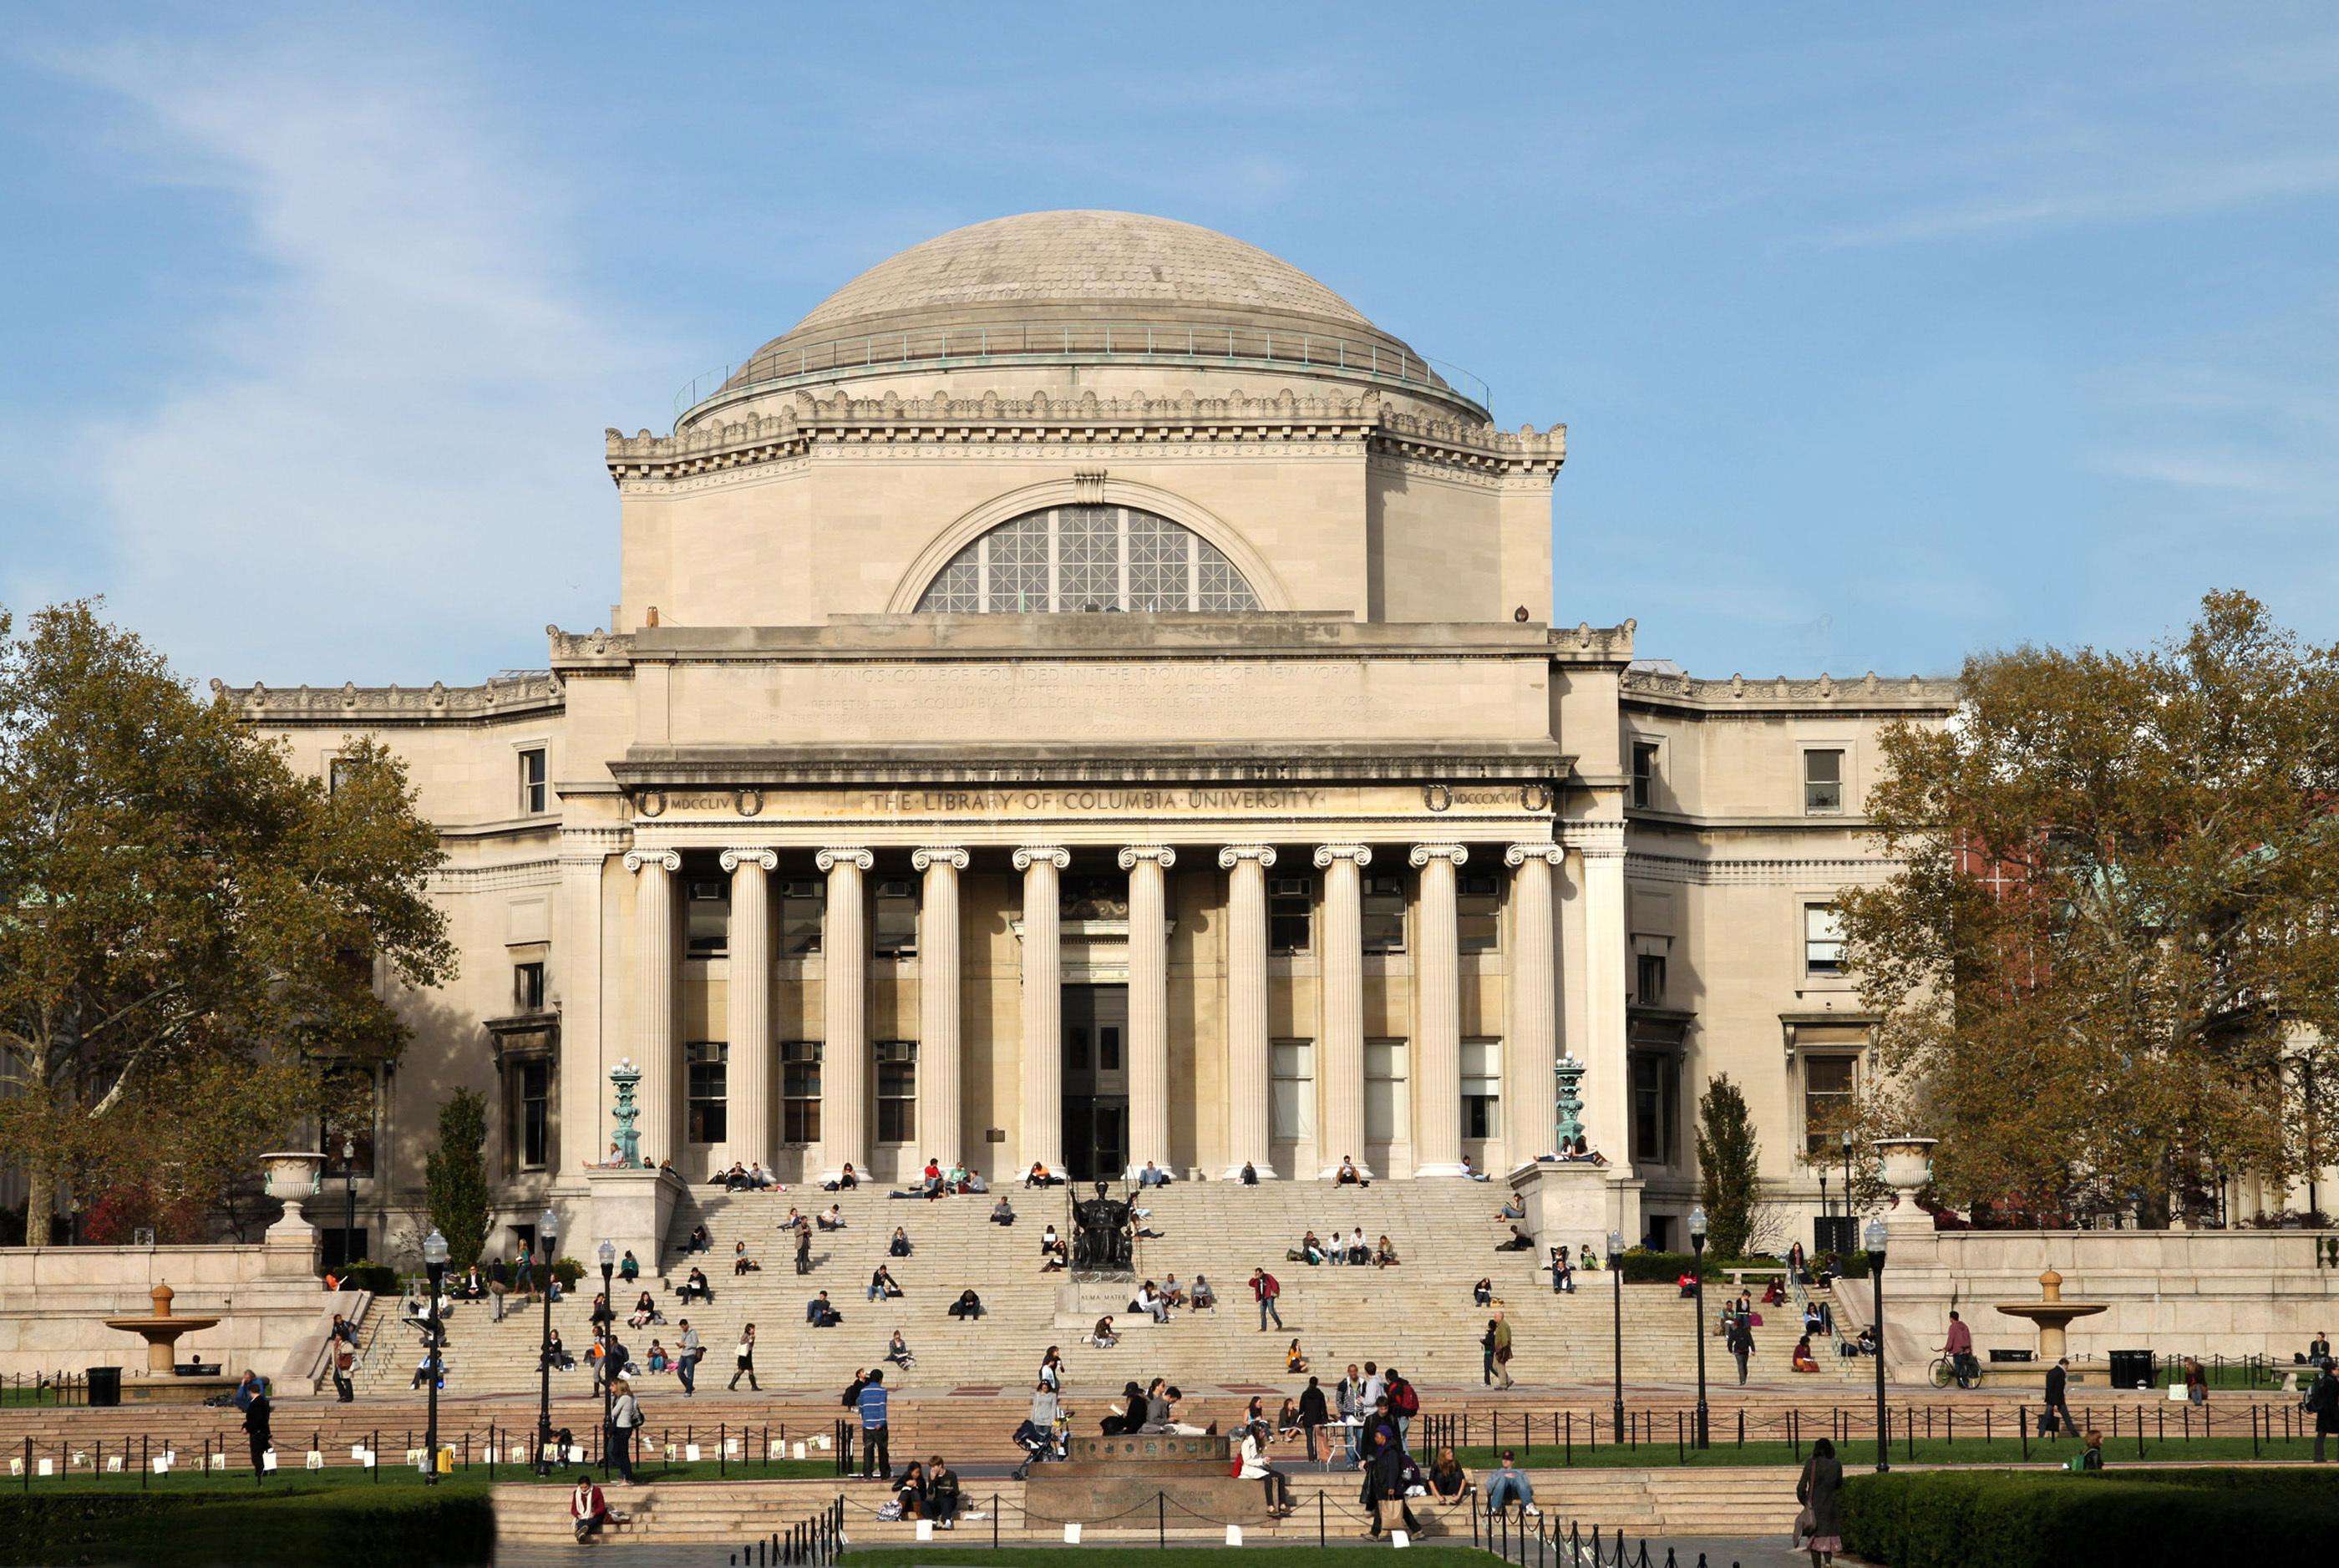 Колумбийский университет в Нью-Йорке